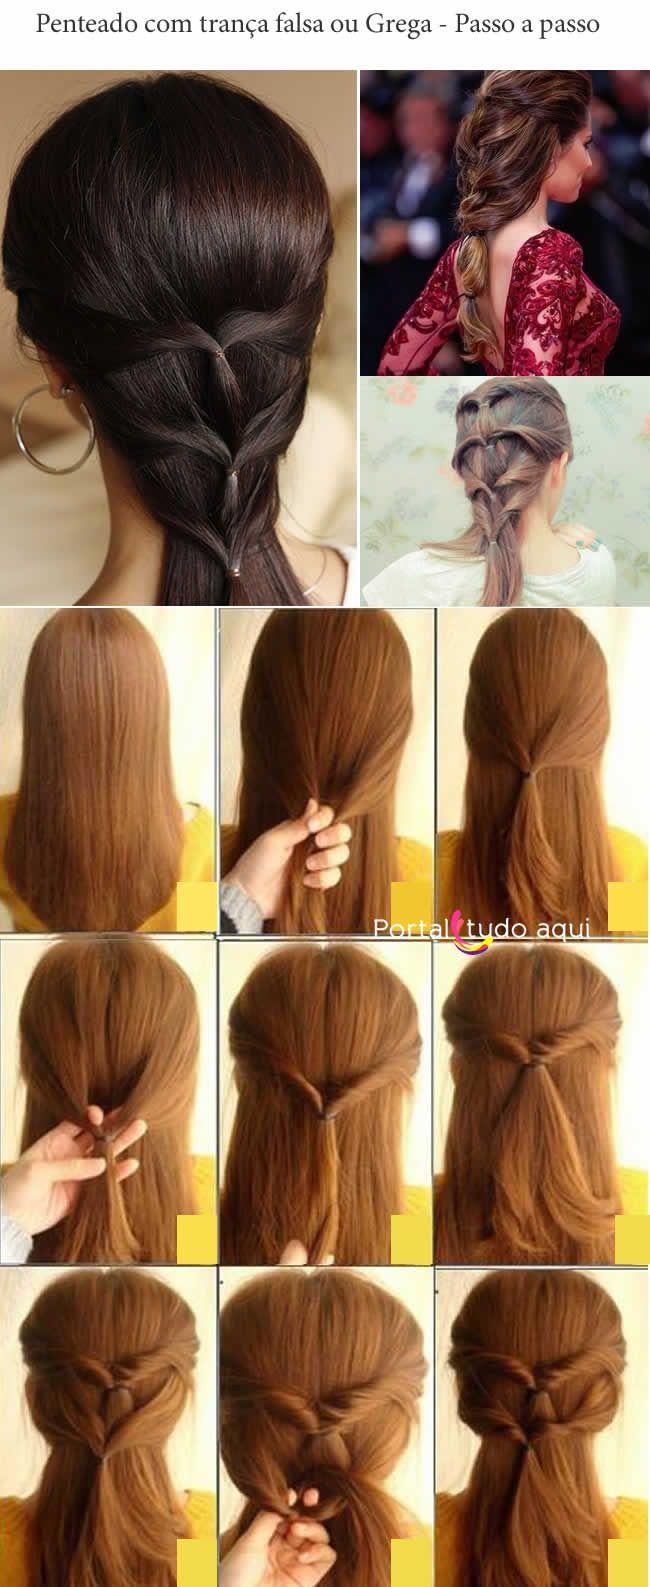 Top seleção dos mais lindos penteados para debutantes com o passoa